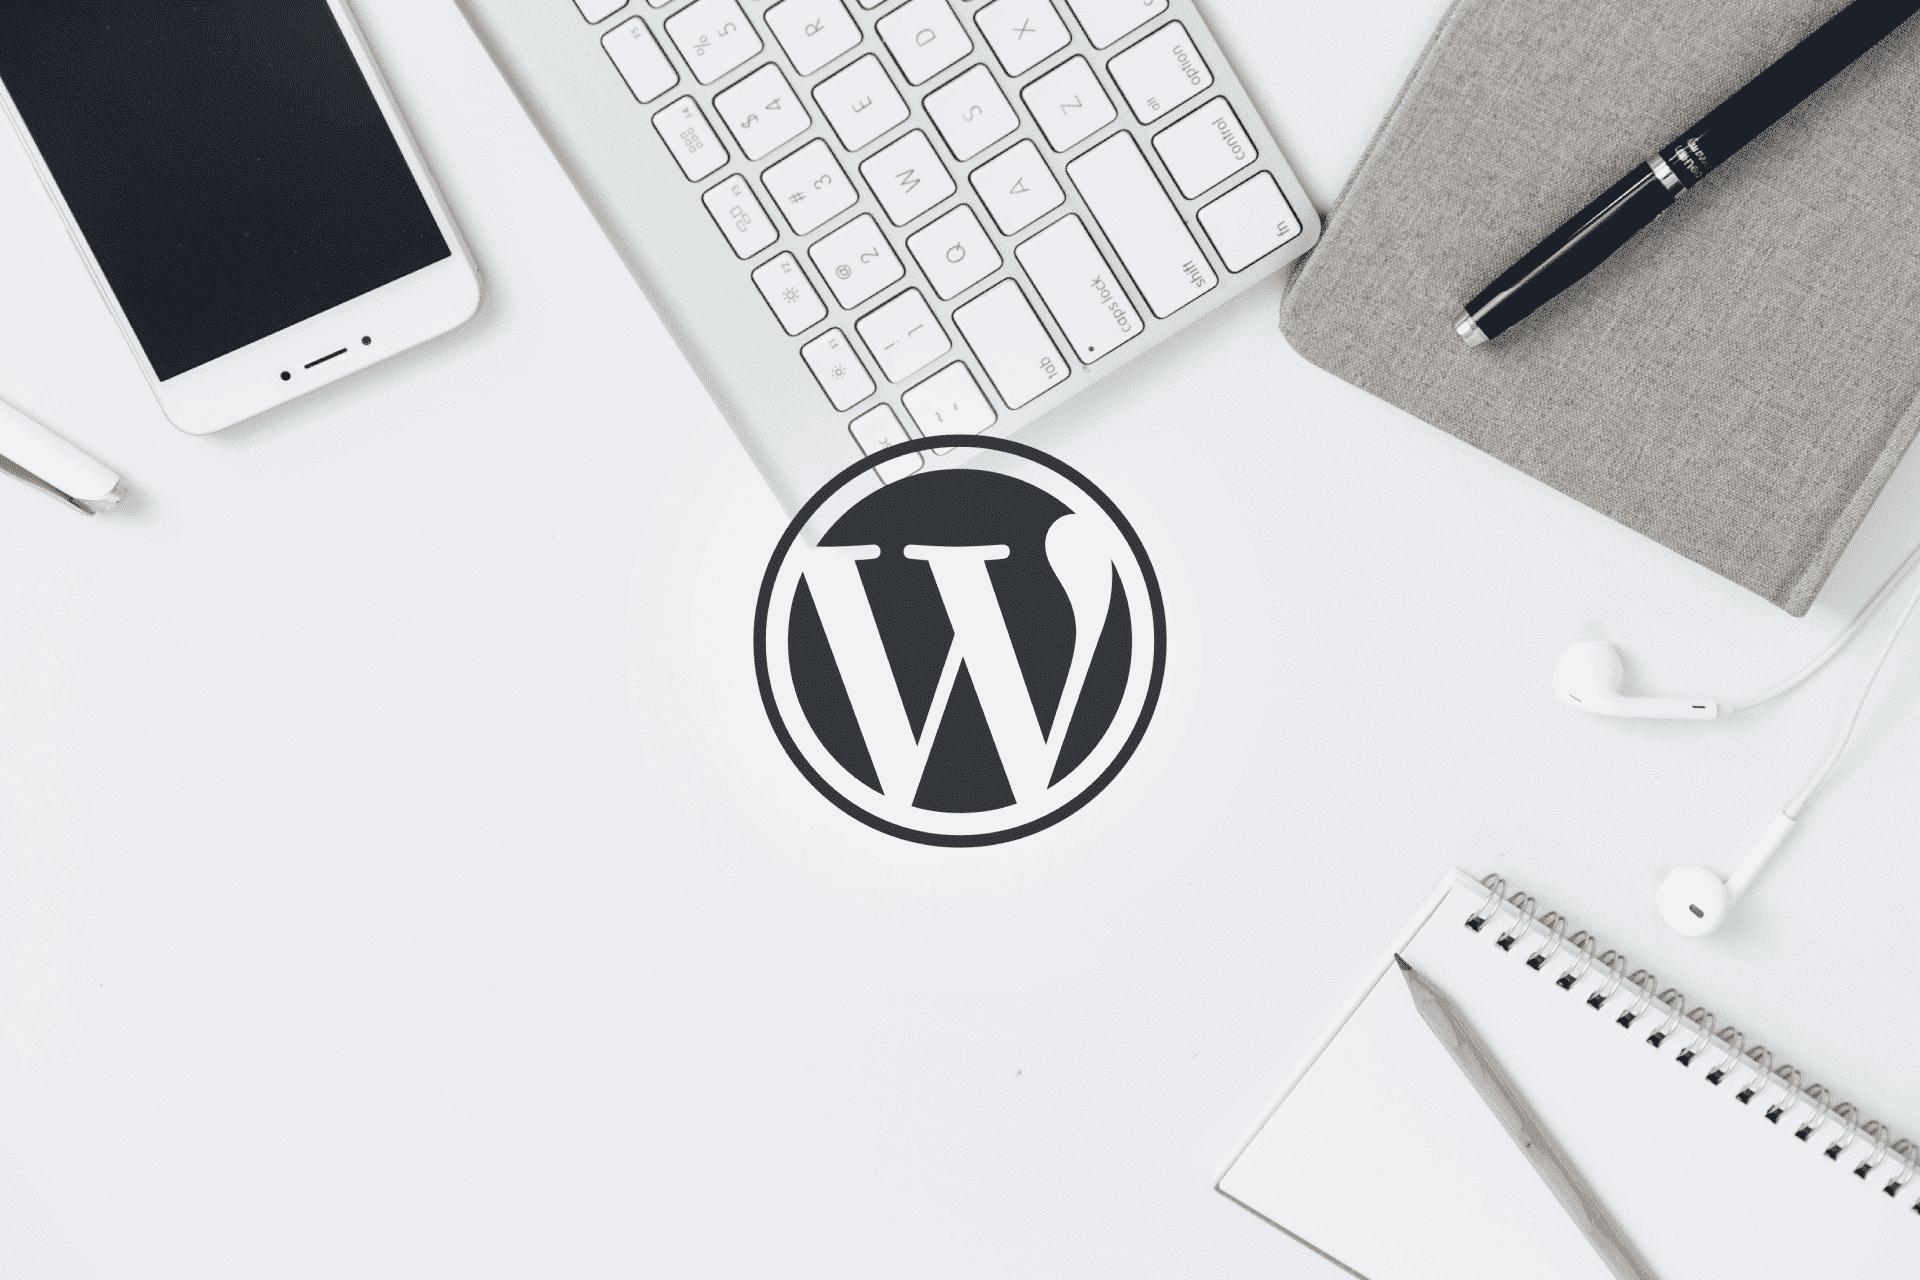 wp logo - Nova atualização do Wordpress 5.0 já está disponível e traz novidades